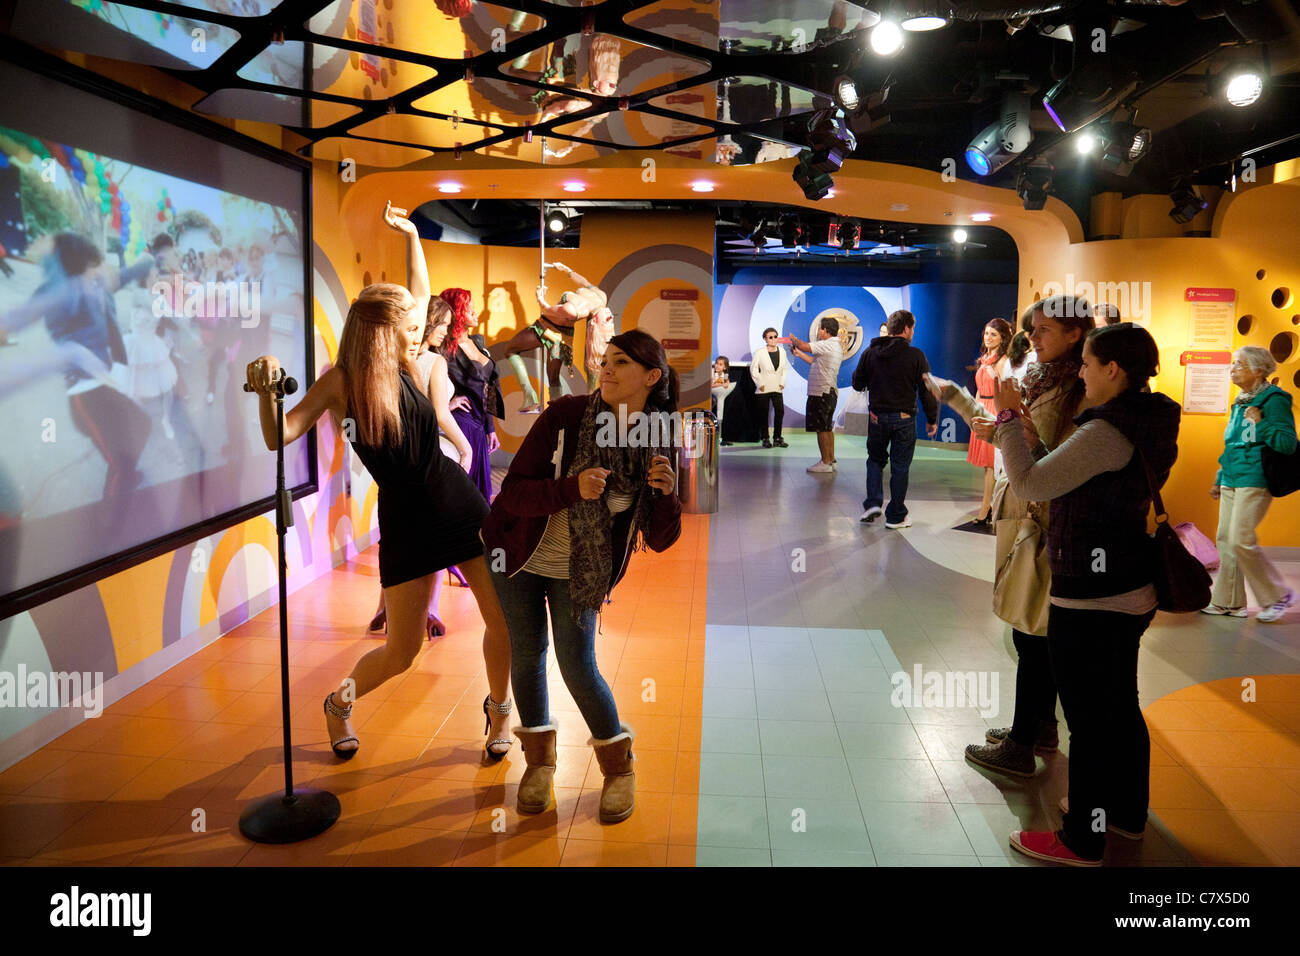 Tourists dancing with Beyonce at Madame Tussauds waxworks, Washington DC USA Stock Photo